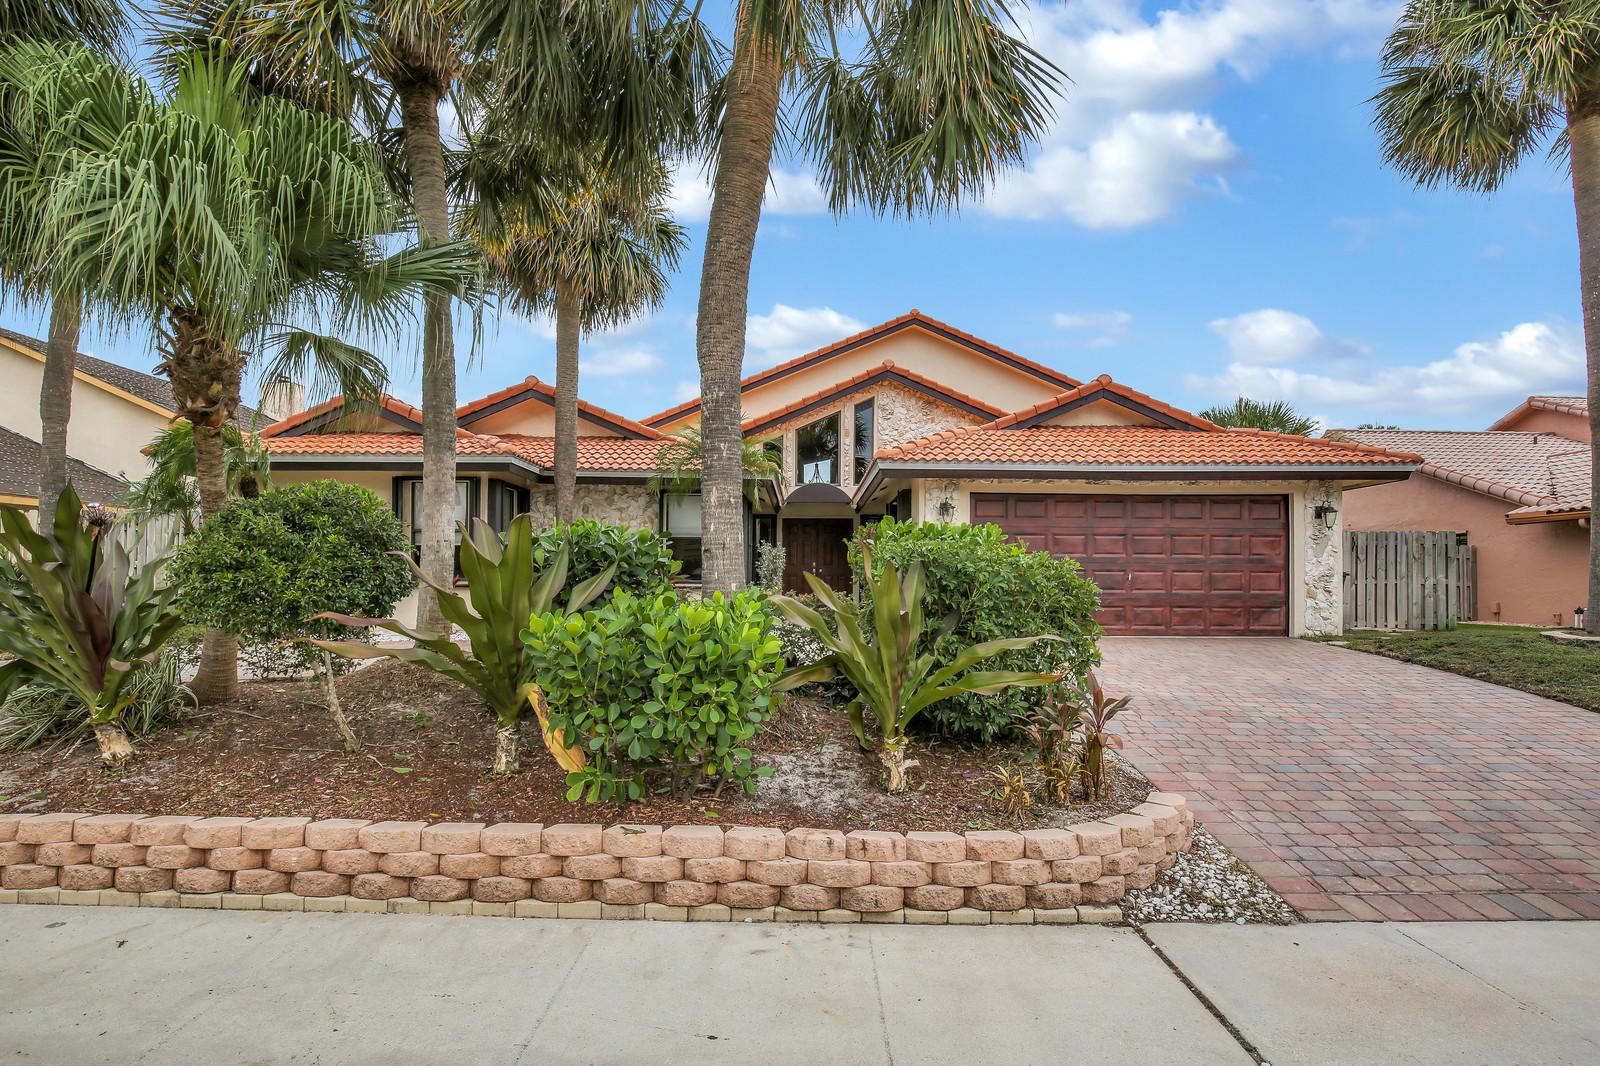 1385 Sw 3rd Street Boca Raton, FL 33486